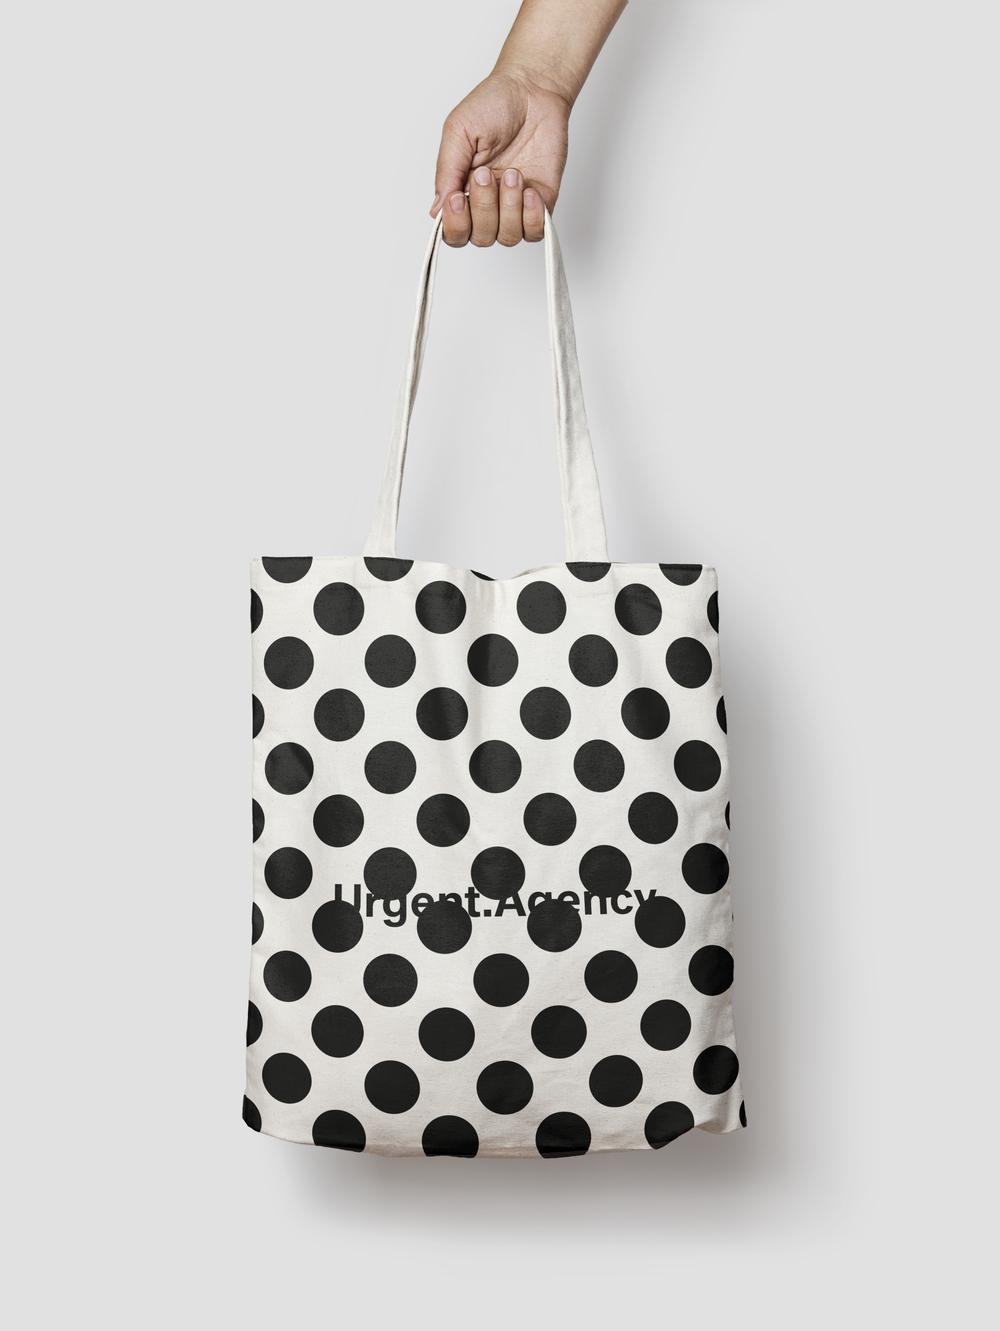 Urgent Tote Bag – Polka Dots